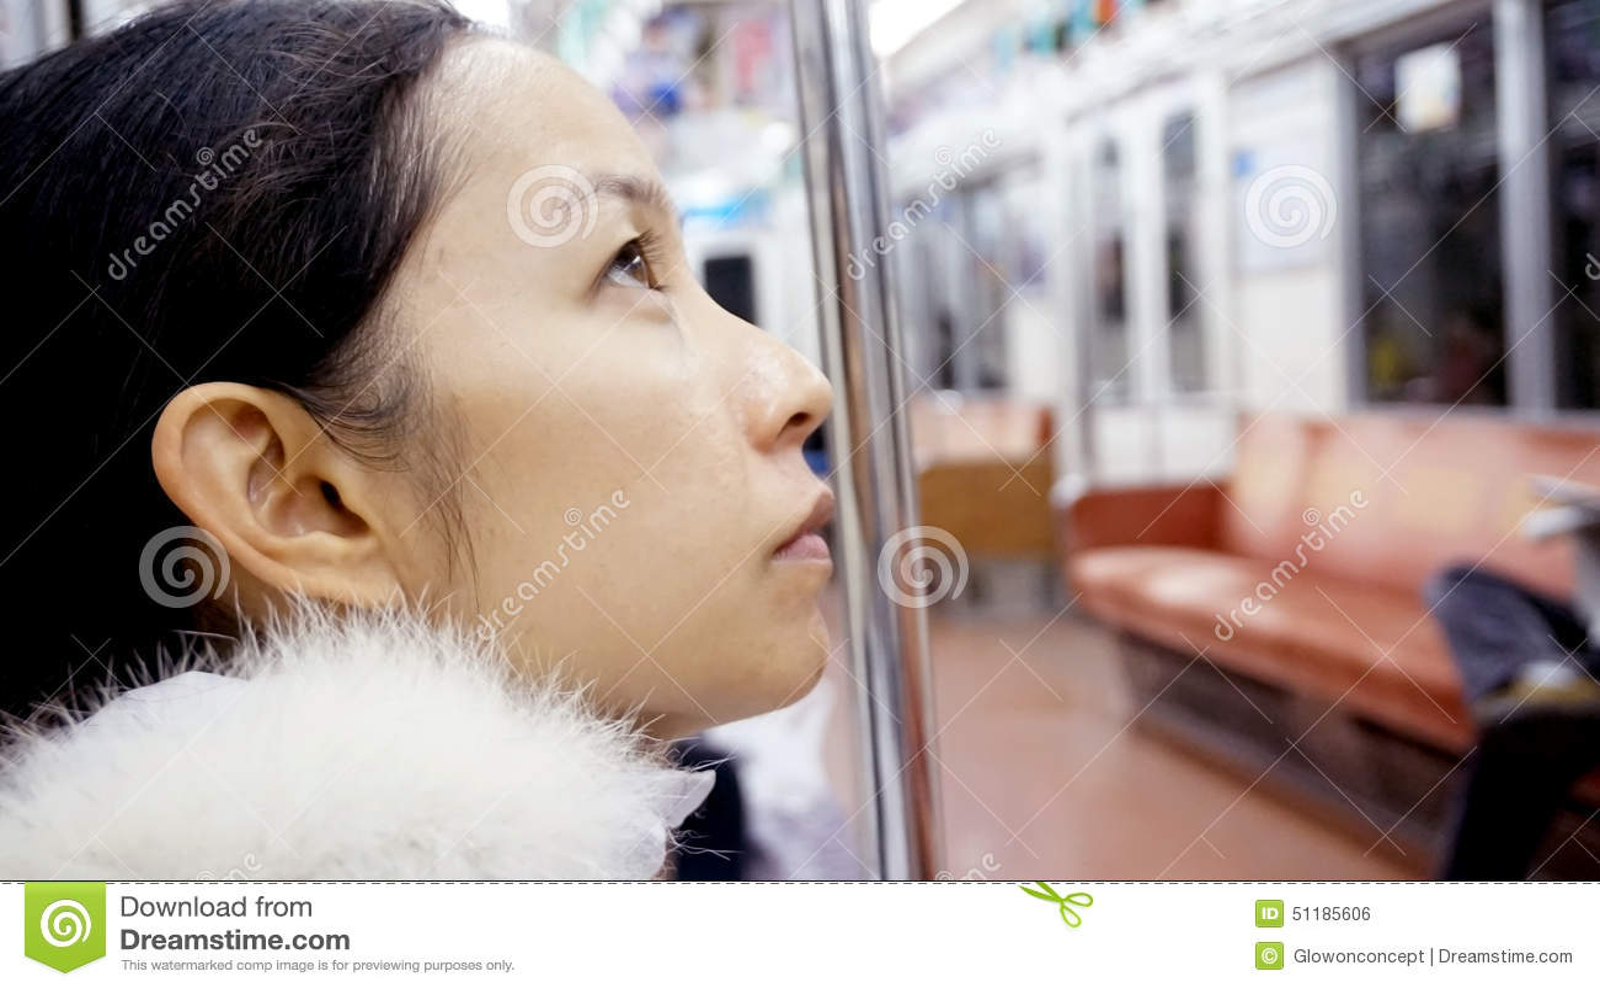 aziatskie-devki-na-transporte-podruga-nezhno-lizhet